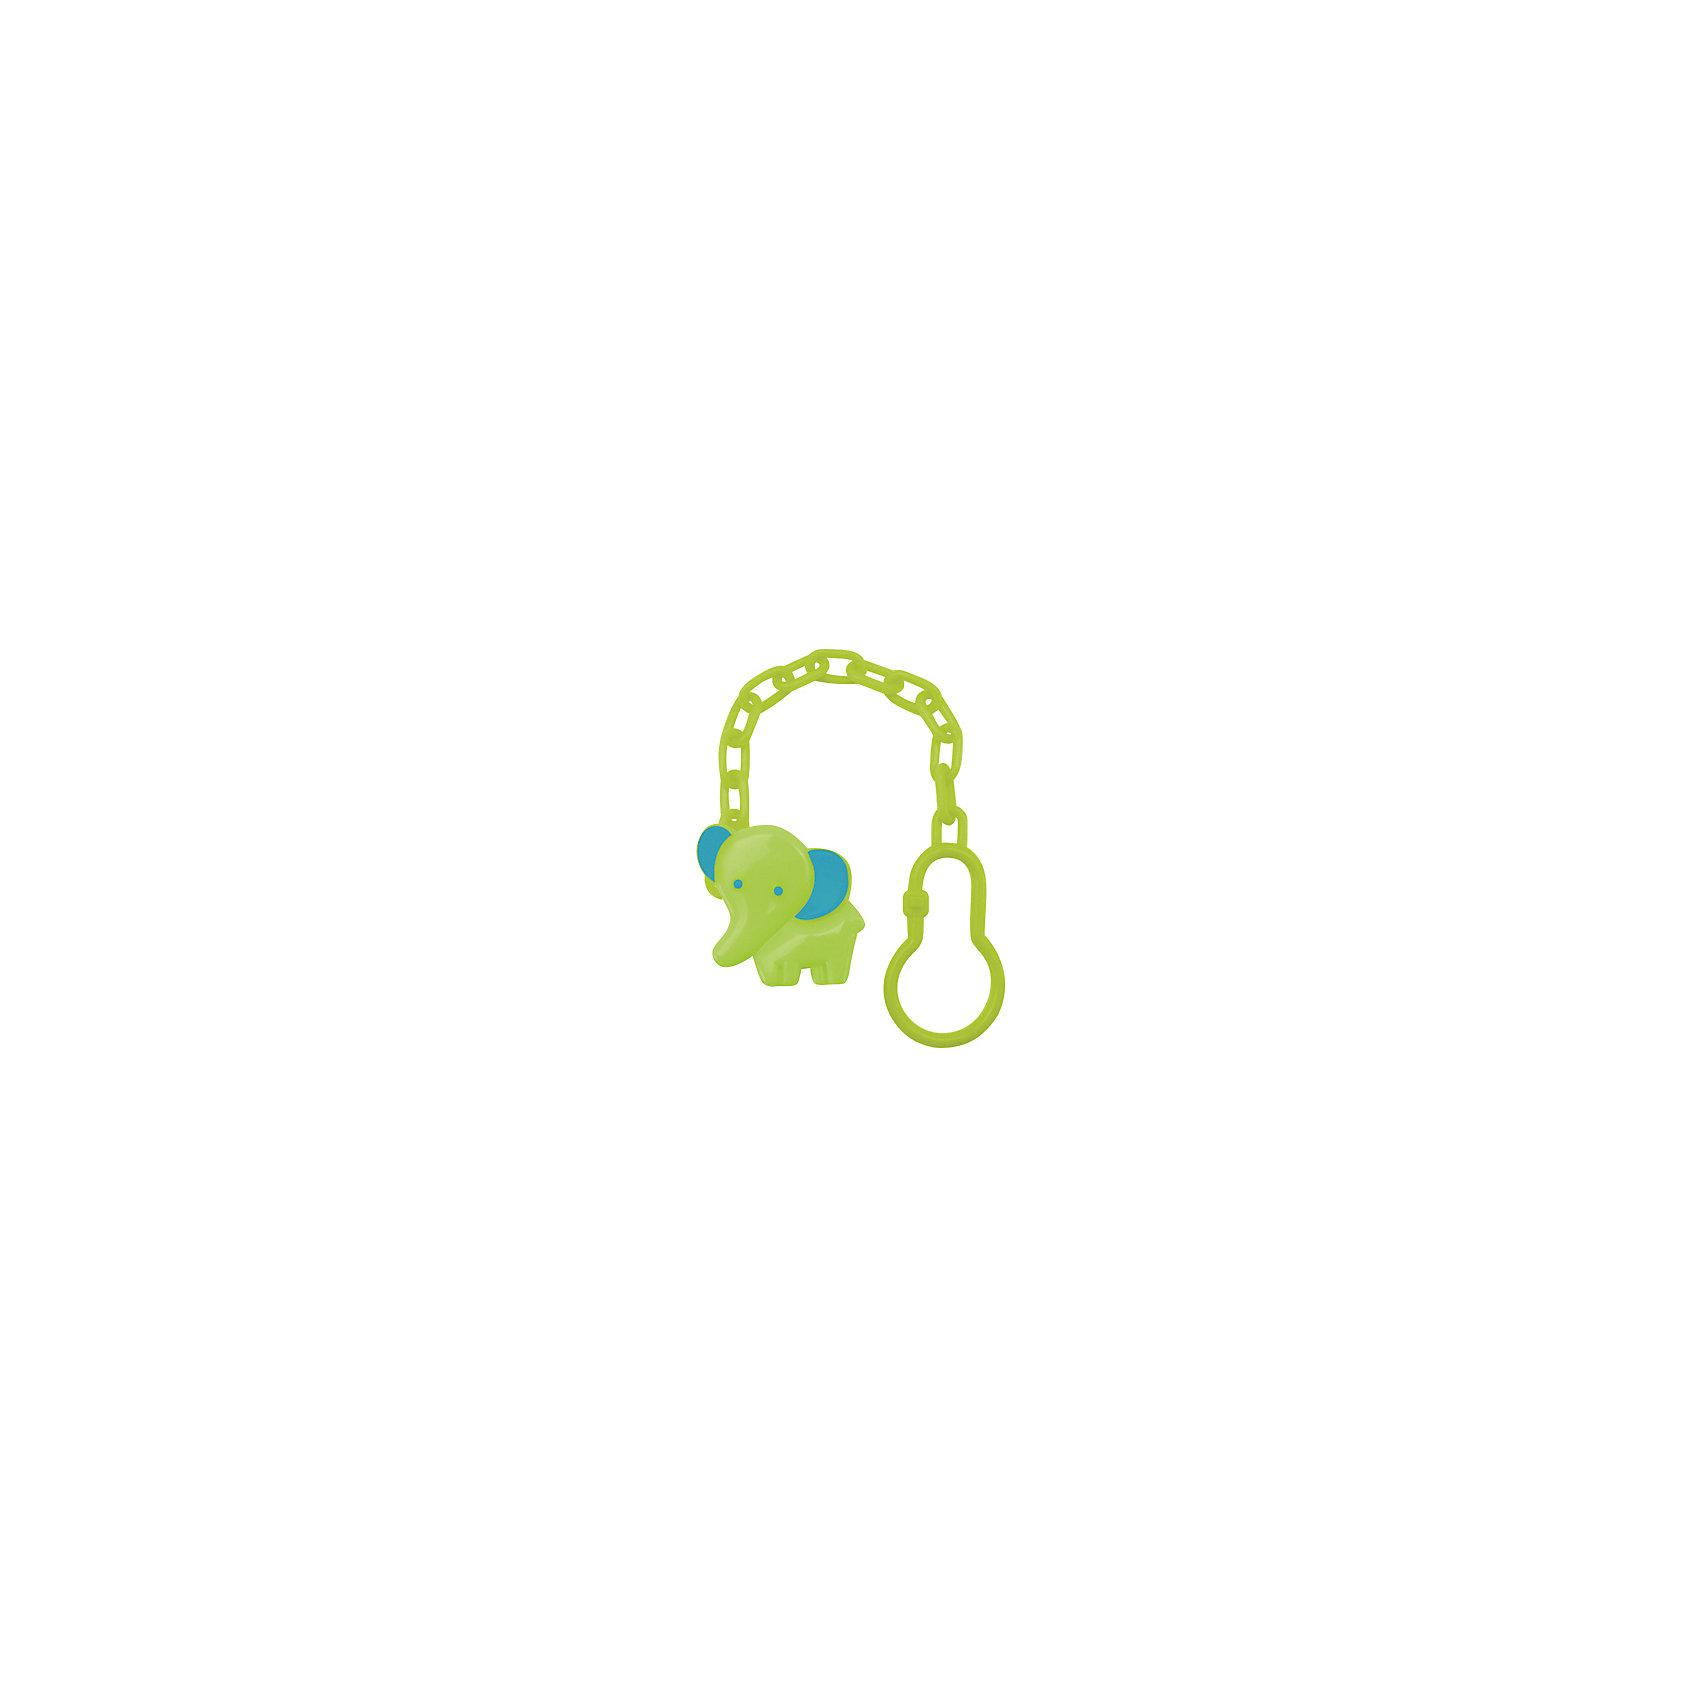 Клипса для соски-пустышки Слоник от 0 мес. полипропилен на цепочке, LUBBY, зеленый